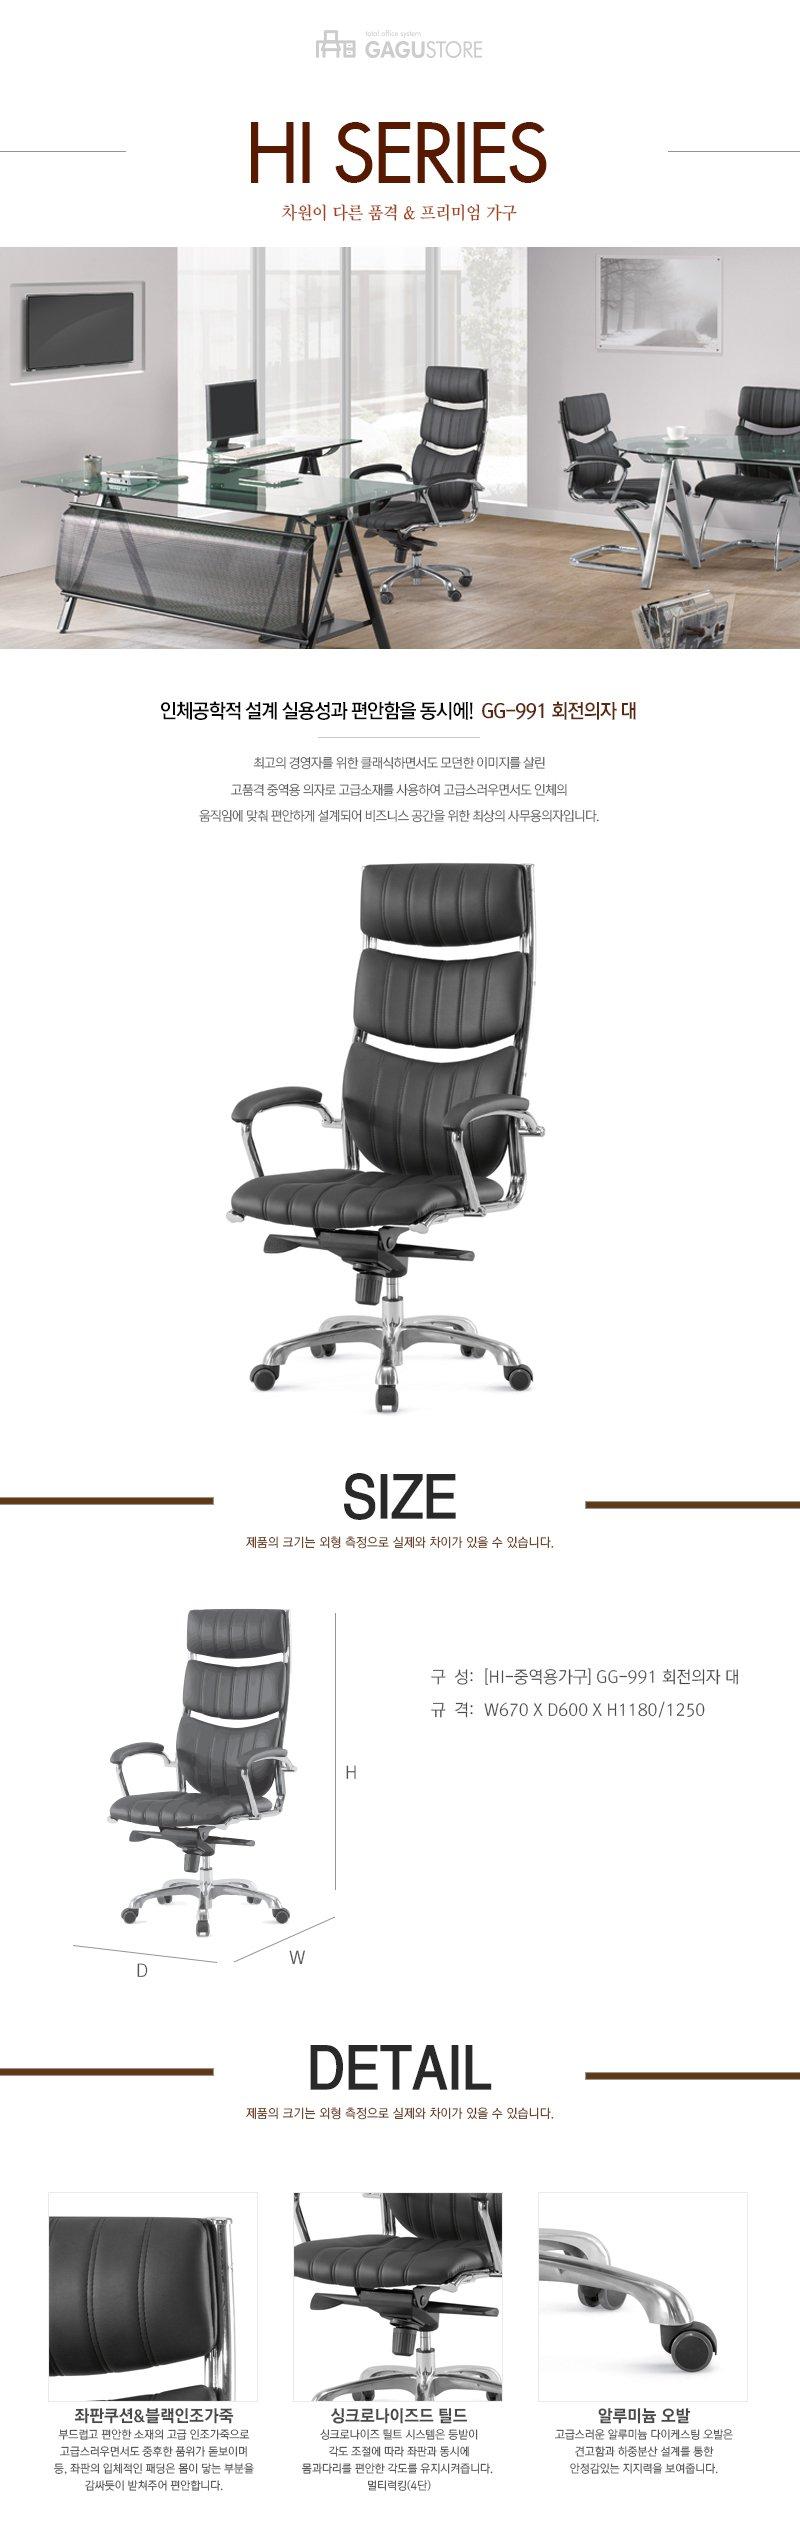 chi tiết sản phẩm ghế giám đốc nhập khẩu GG-991